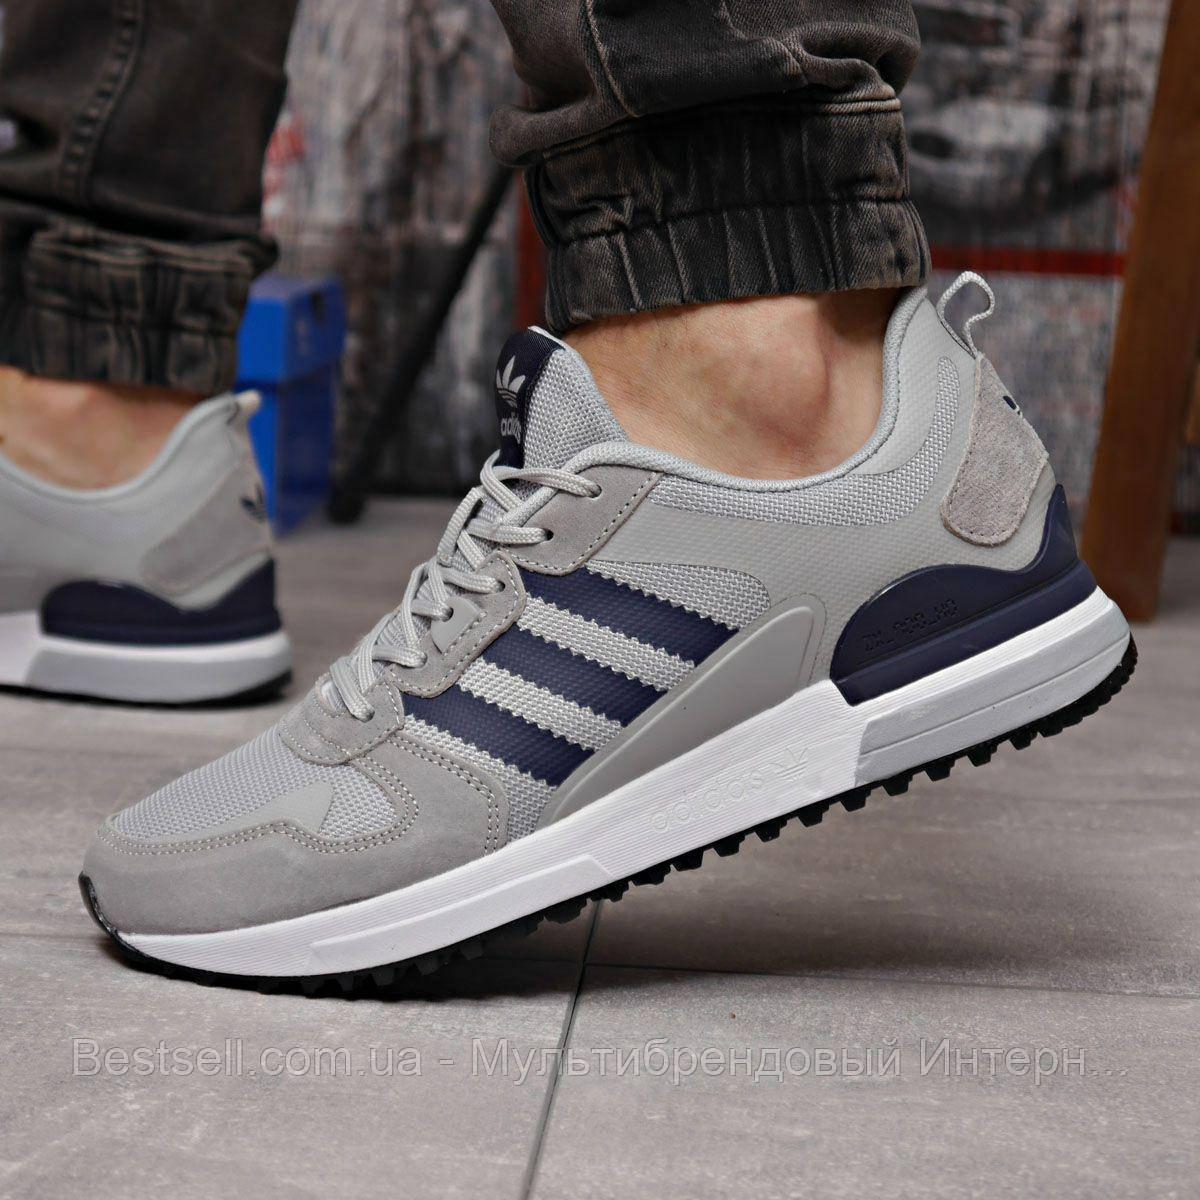 Кросівки чоловічі 18285, Adidas Zx 700 HO, сірі, [ немає ] р. 44-28,0 див.